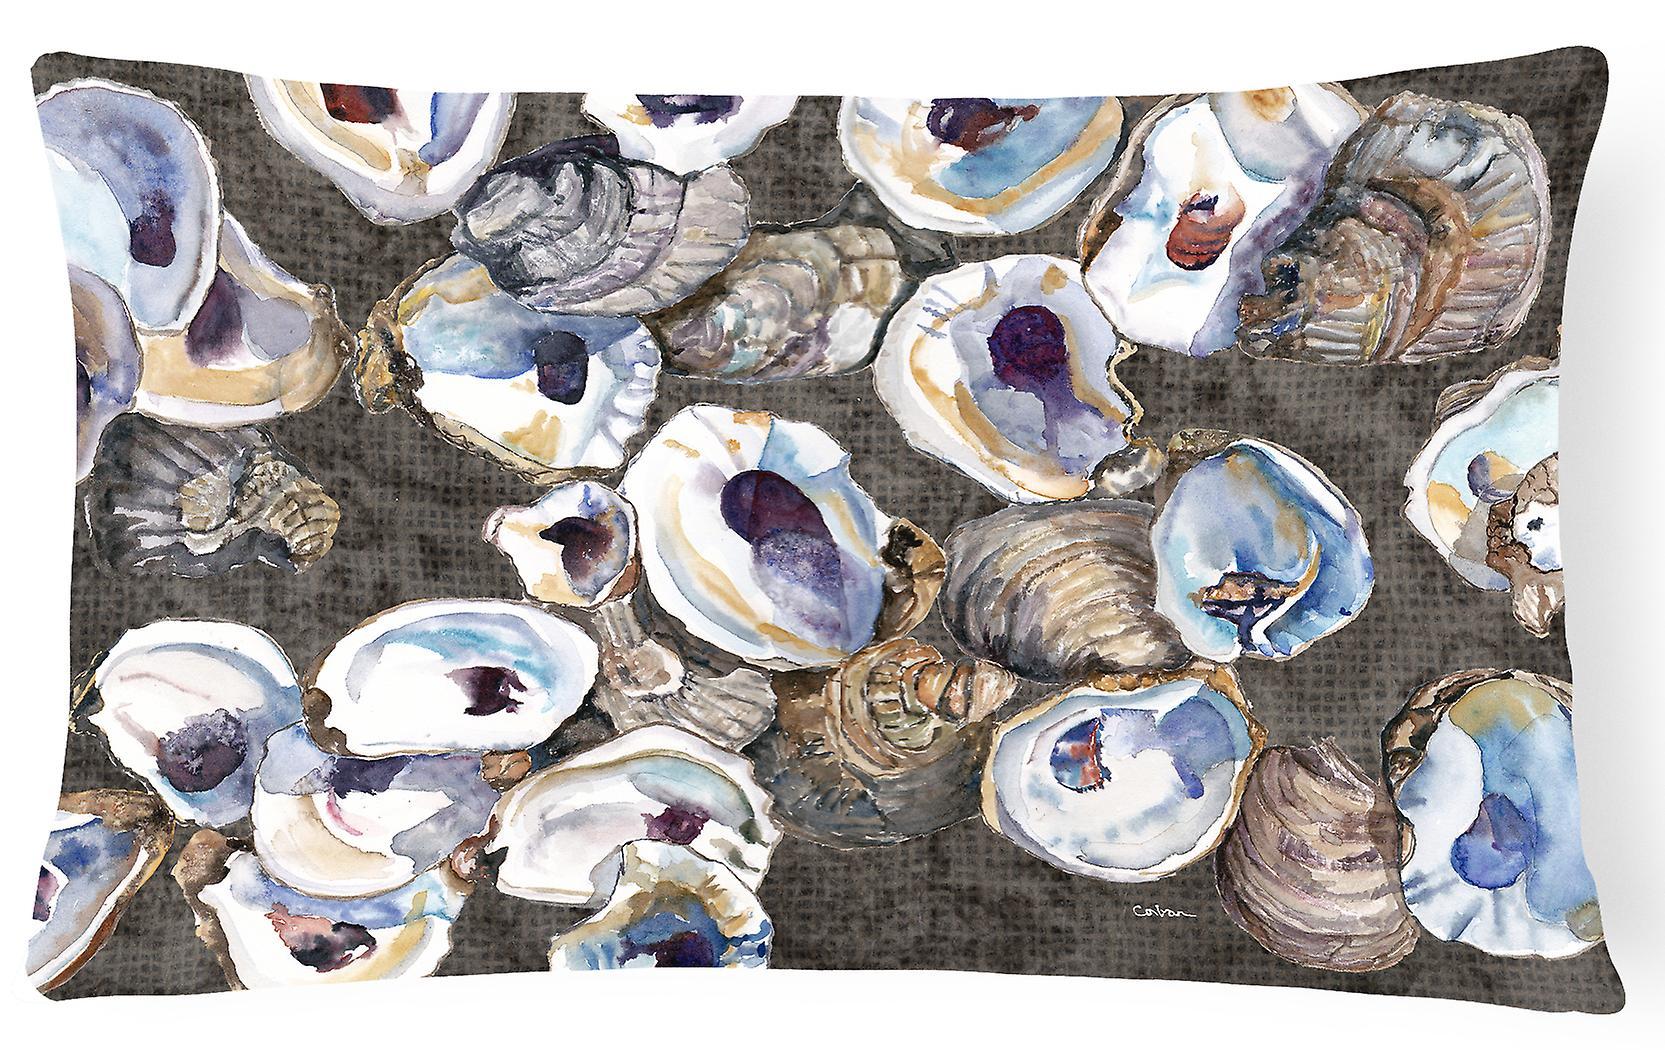 Trésors Tissu Huîtres Décoratif Toile Oreiller Des Carolines 8789pw1216 rWEdCexBoQ